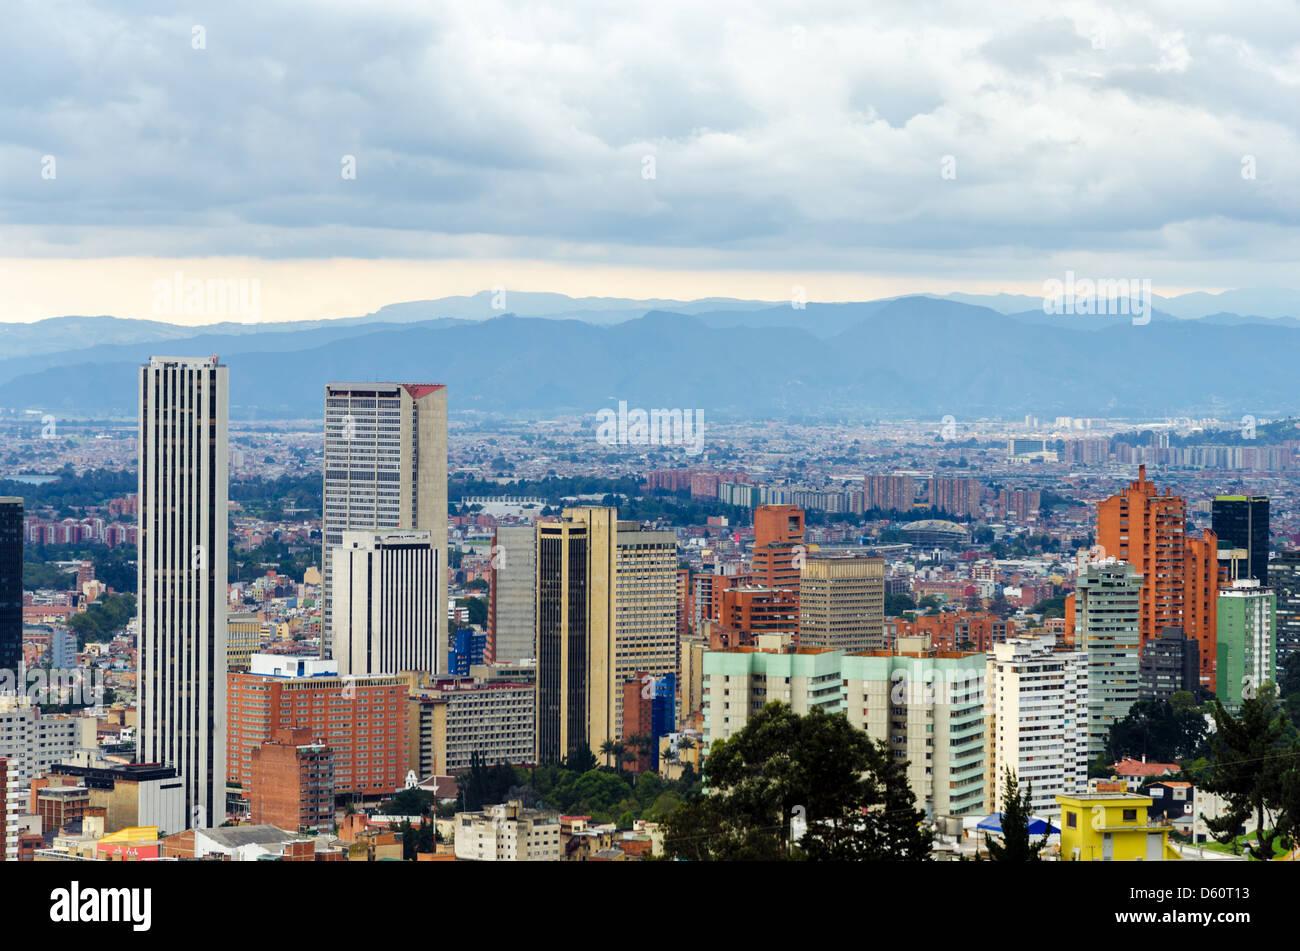 Vista de la ciudad de Bogotá, Colombia Imagen De Stock